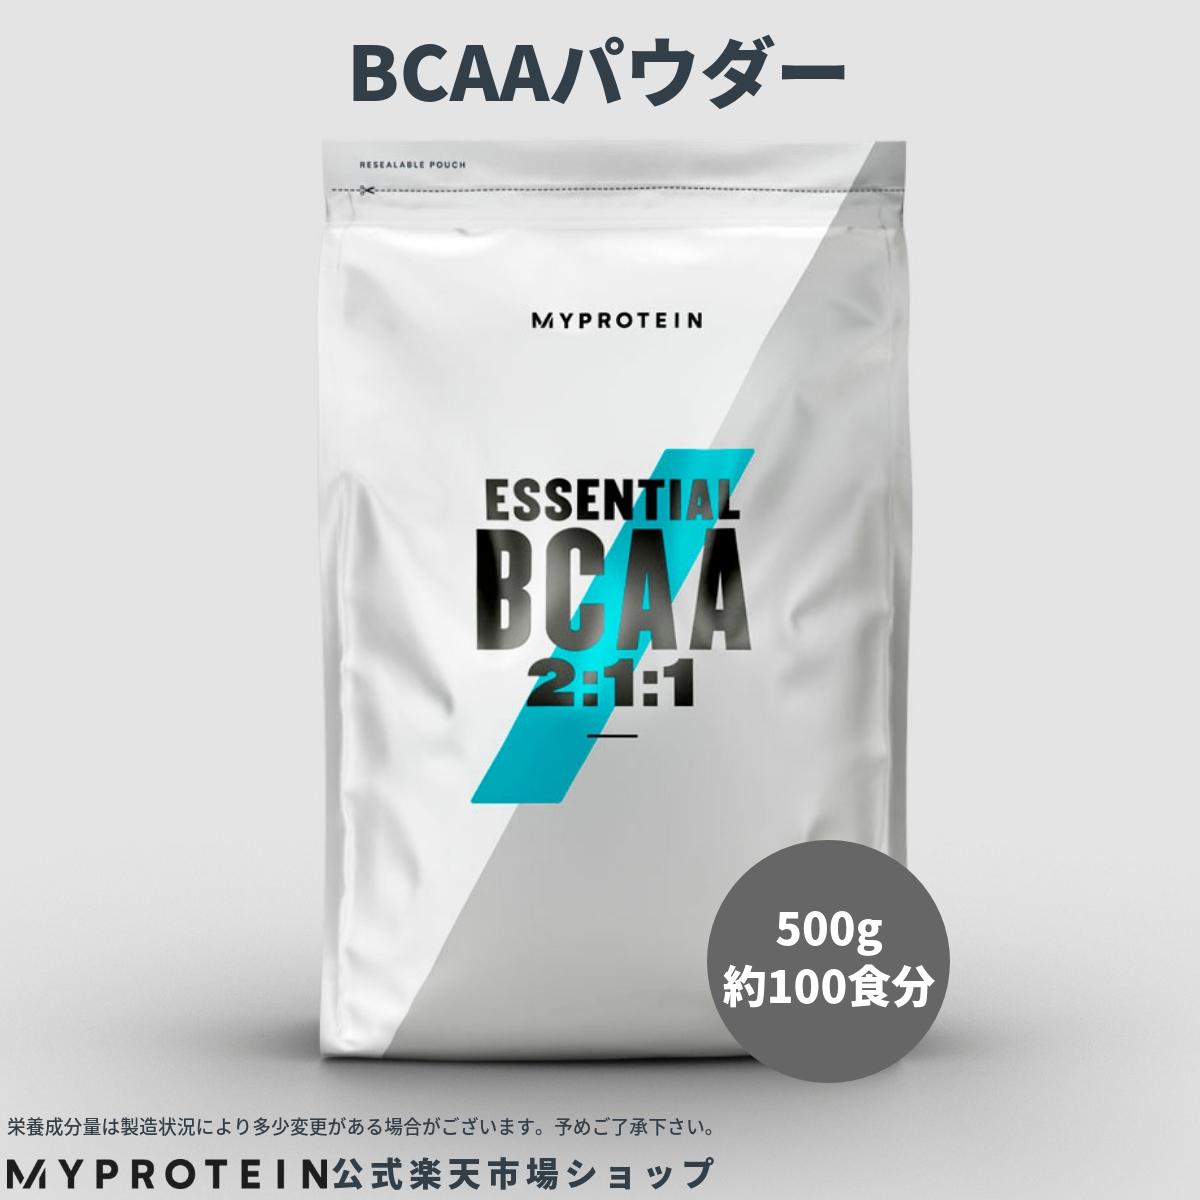 マイプロテイン 公式 【MyProtein】 BCAA 2:1:1 (分岐鎖アミノ酸) 500g 約100食分| サプリメント サプリ パウダー EAA アミノ酸 バリン ロイシン スポーツサプリ ダイエットサプリ アルギニン カルニチン ピーチ ピーチマンゴー